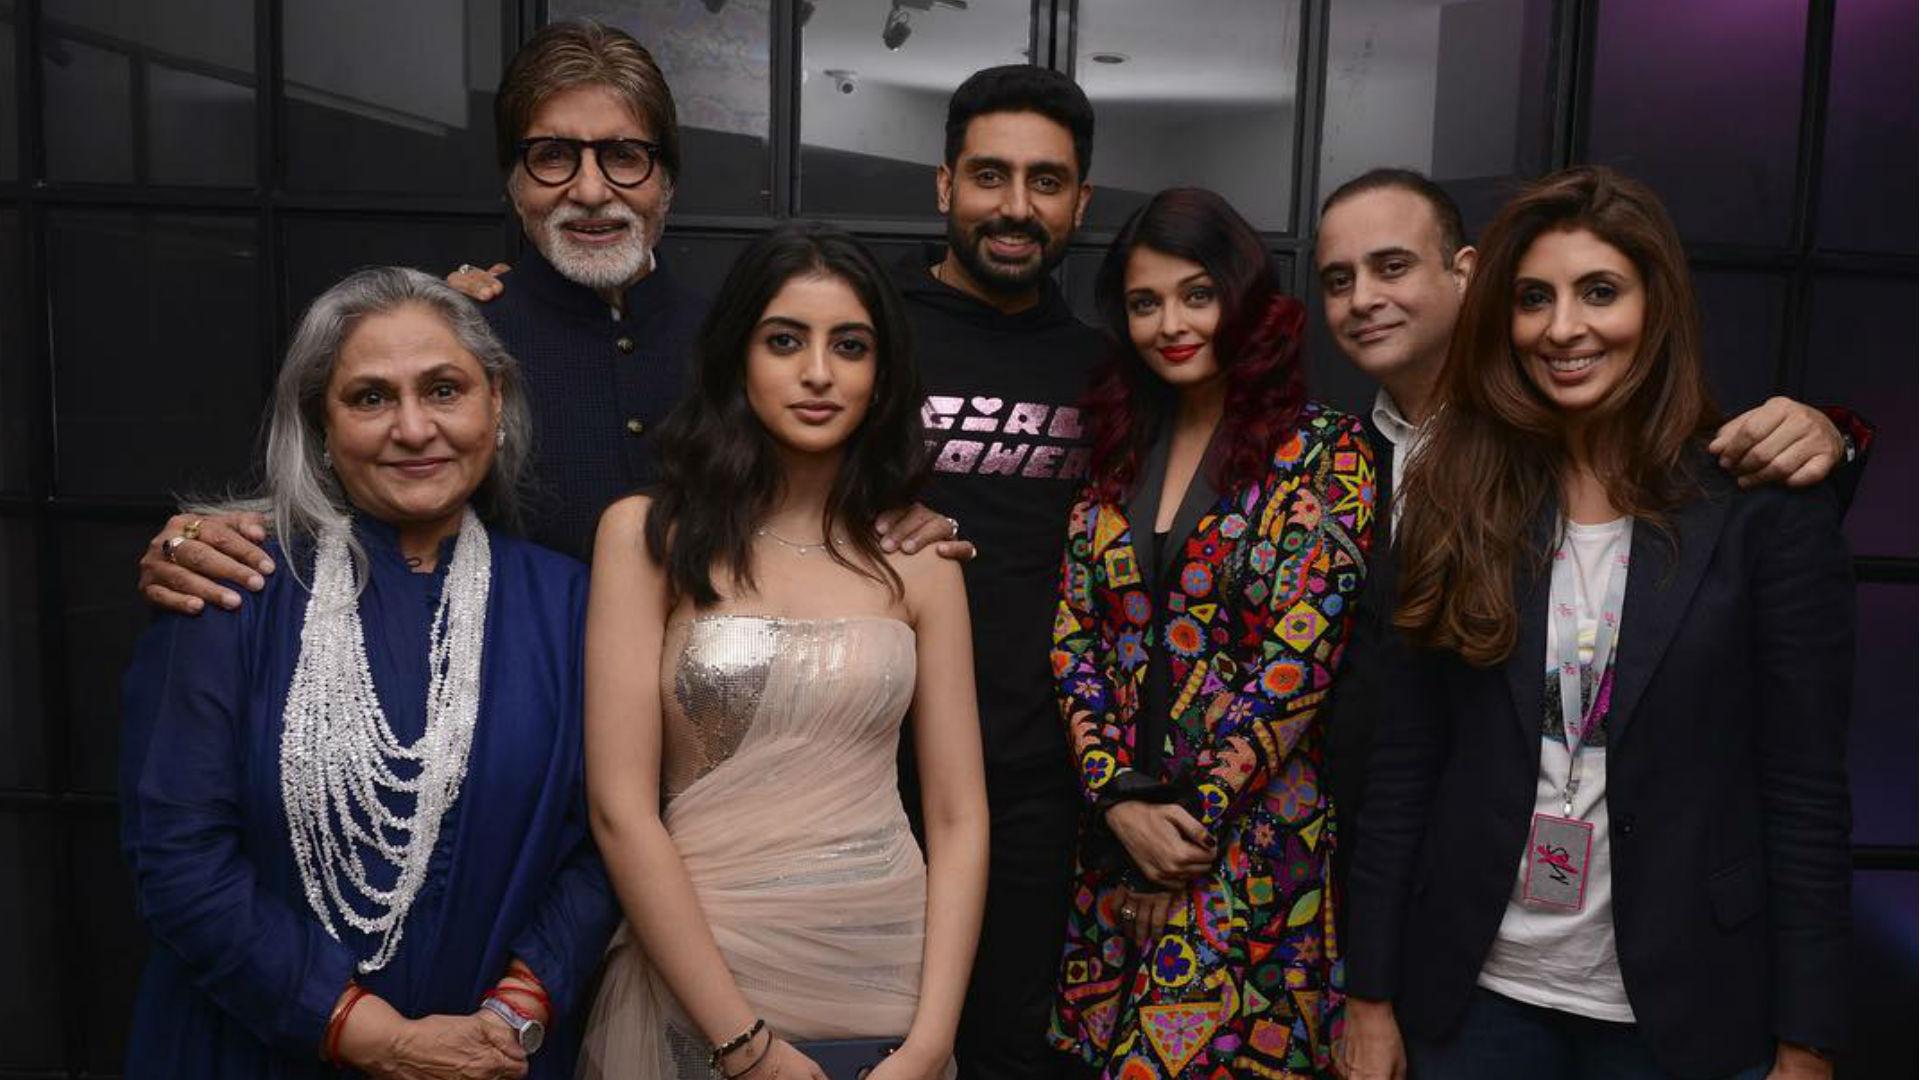 बिग बी के बॉलीवुड में 50 साल पूरे, अभिषेक बच्चन ने लिखा- आज भी पहले दिन की तरह ही एनर्जेटिक रहते हैं पापा